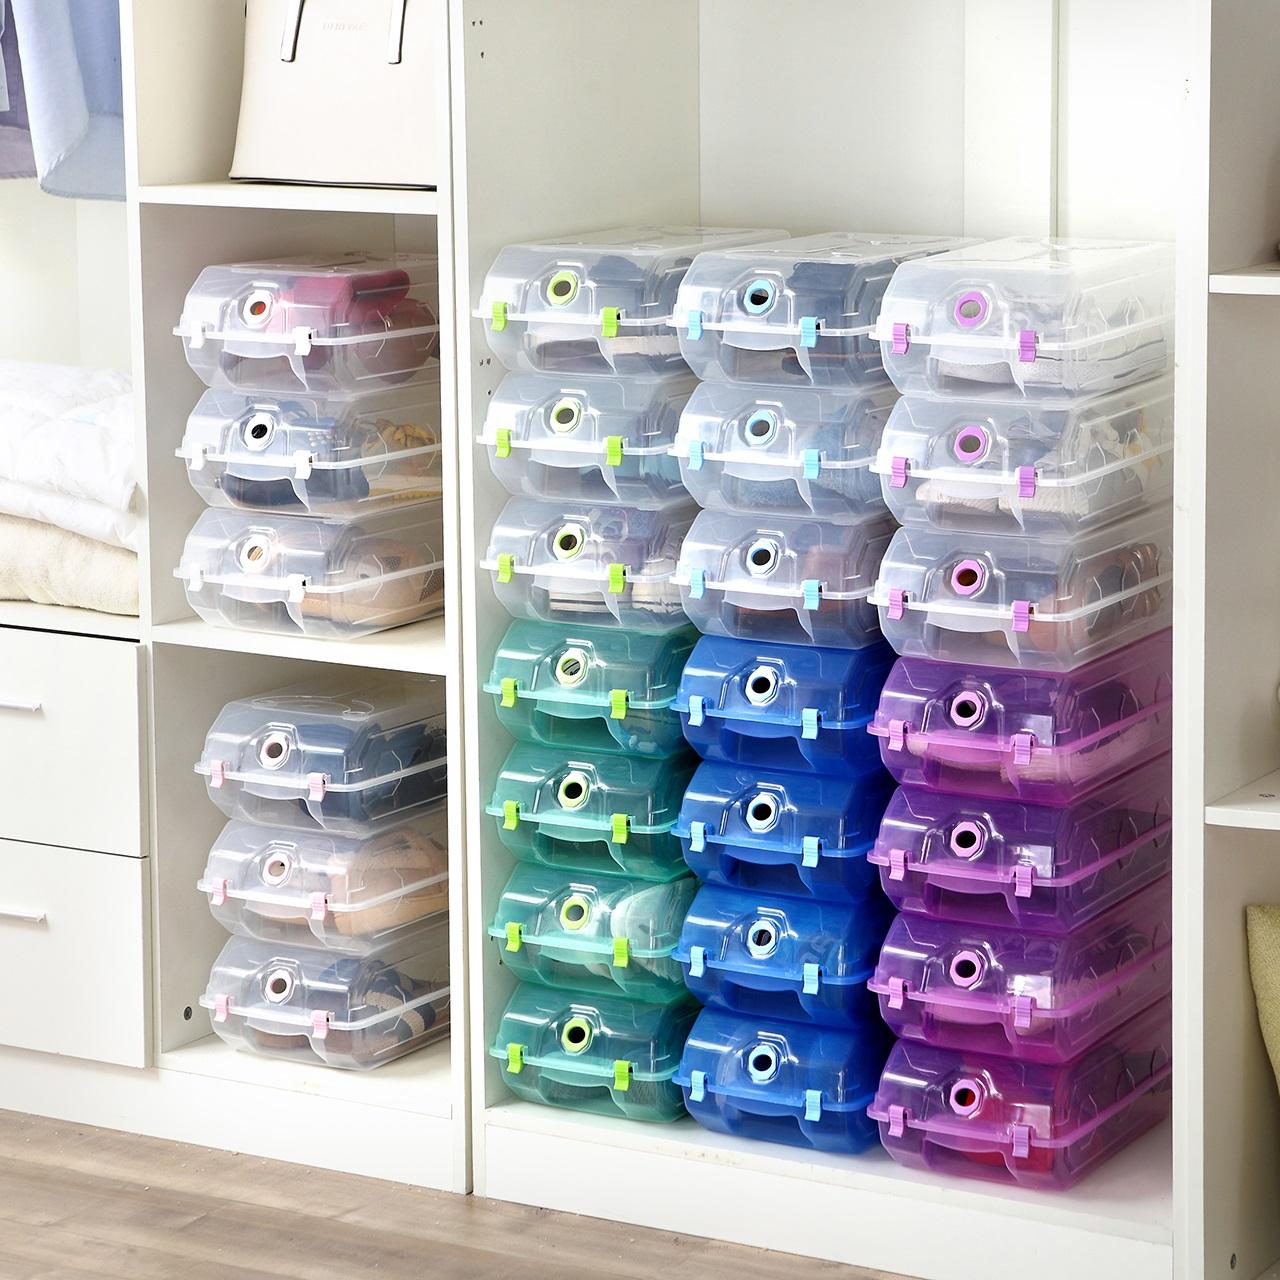 10个装加厚鞋盒塑料鞋子收纳盒叠加式抖音鞋柜宿舍收纳省空间